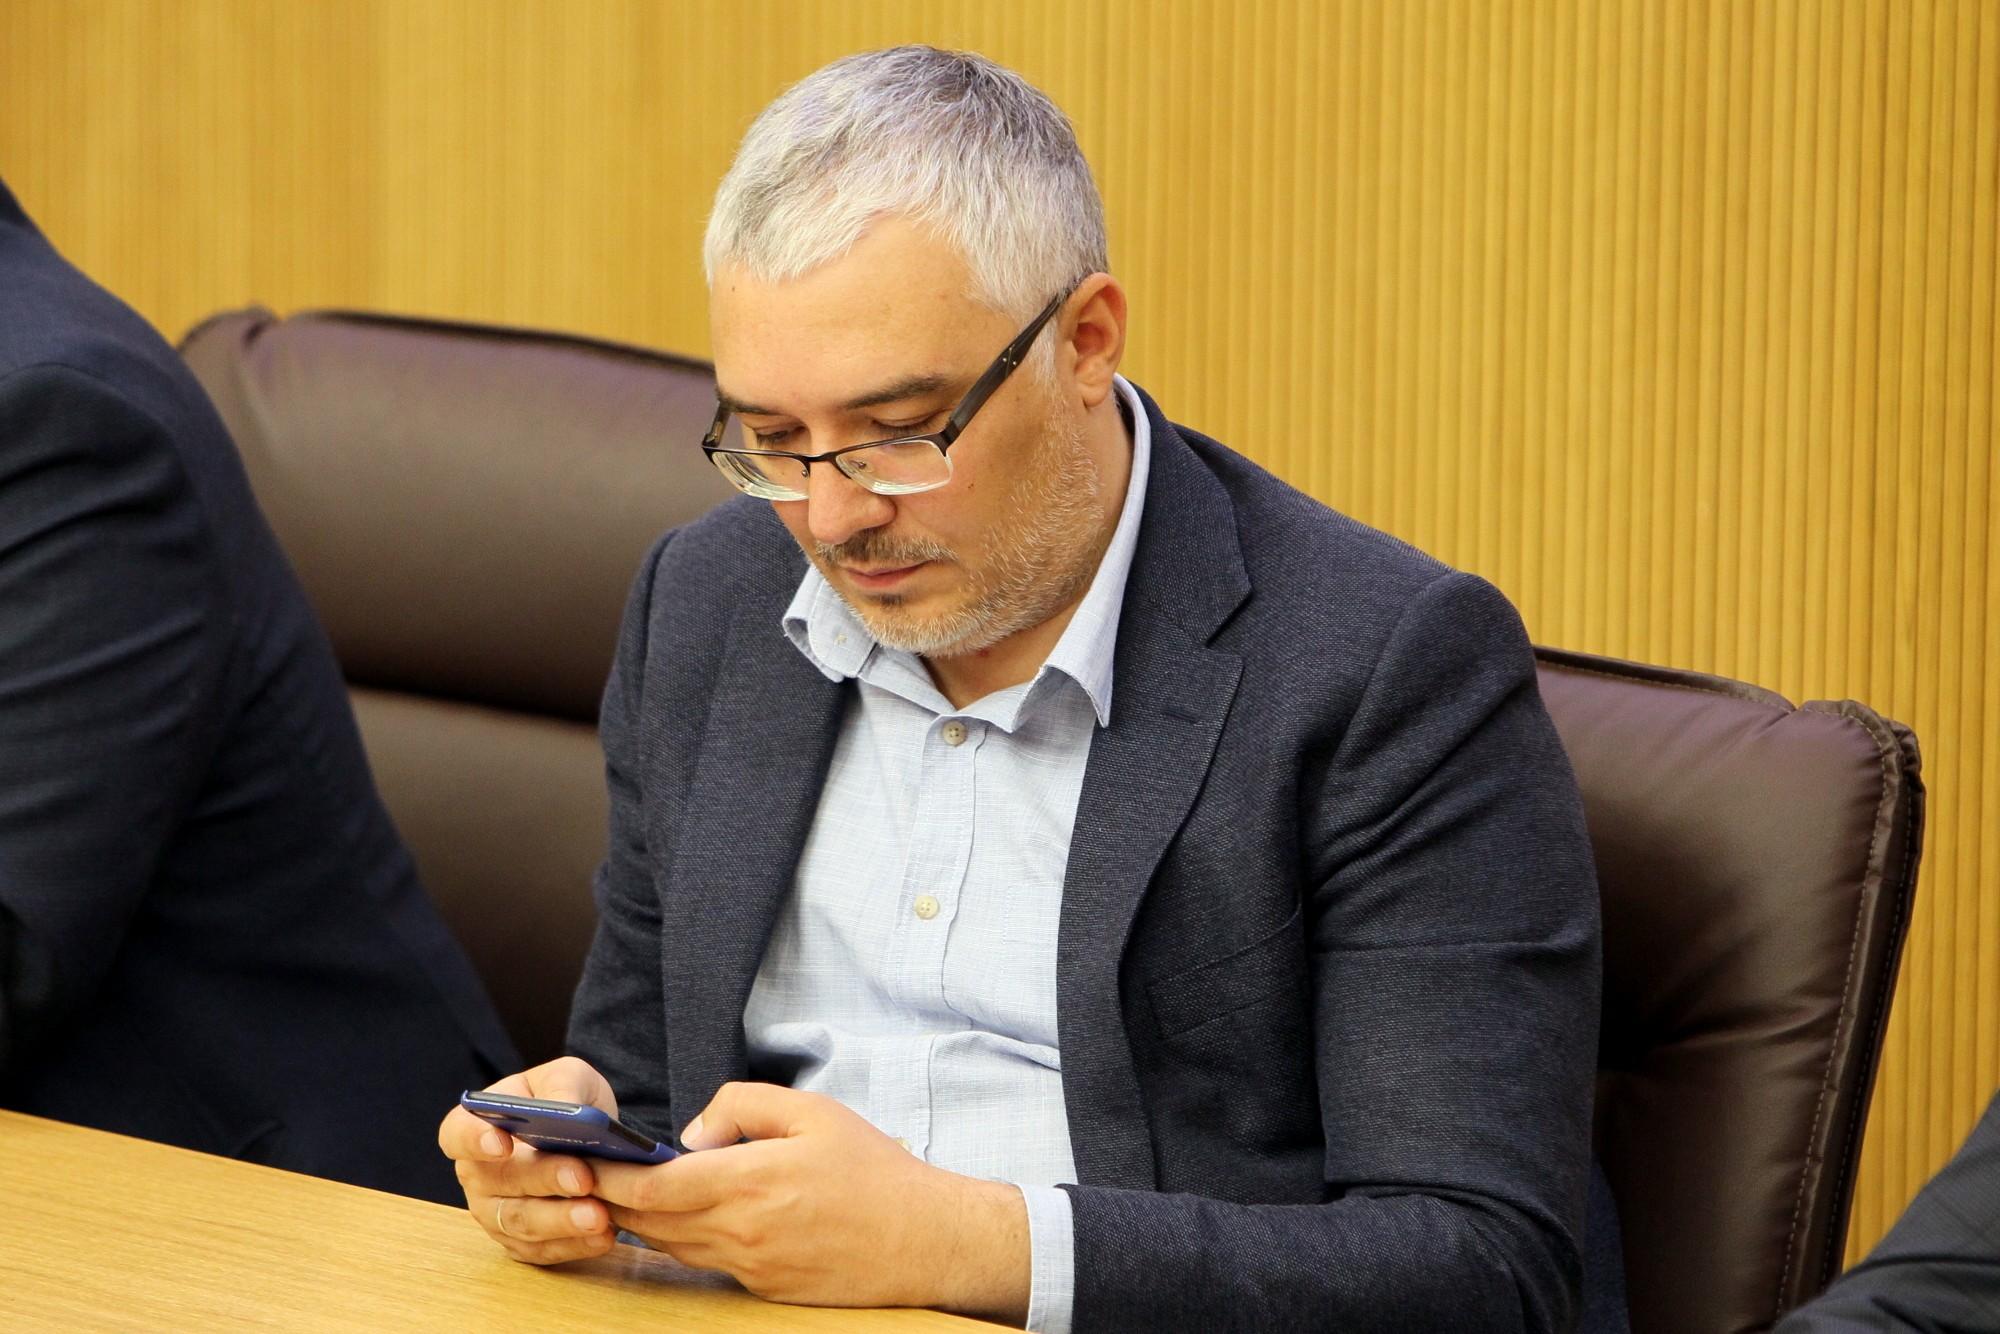 Дмитрий Песков спецпредставитель по вопросам цифрового и технологического развития